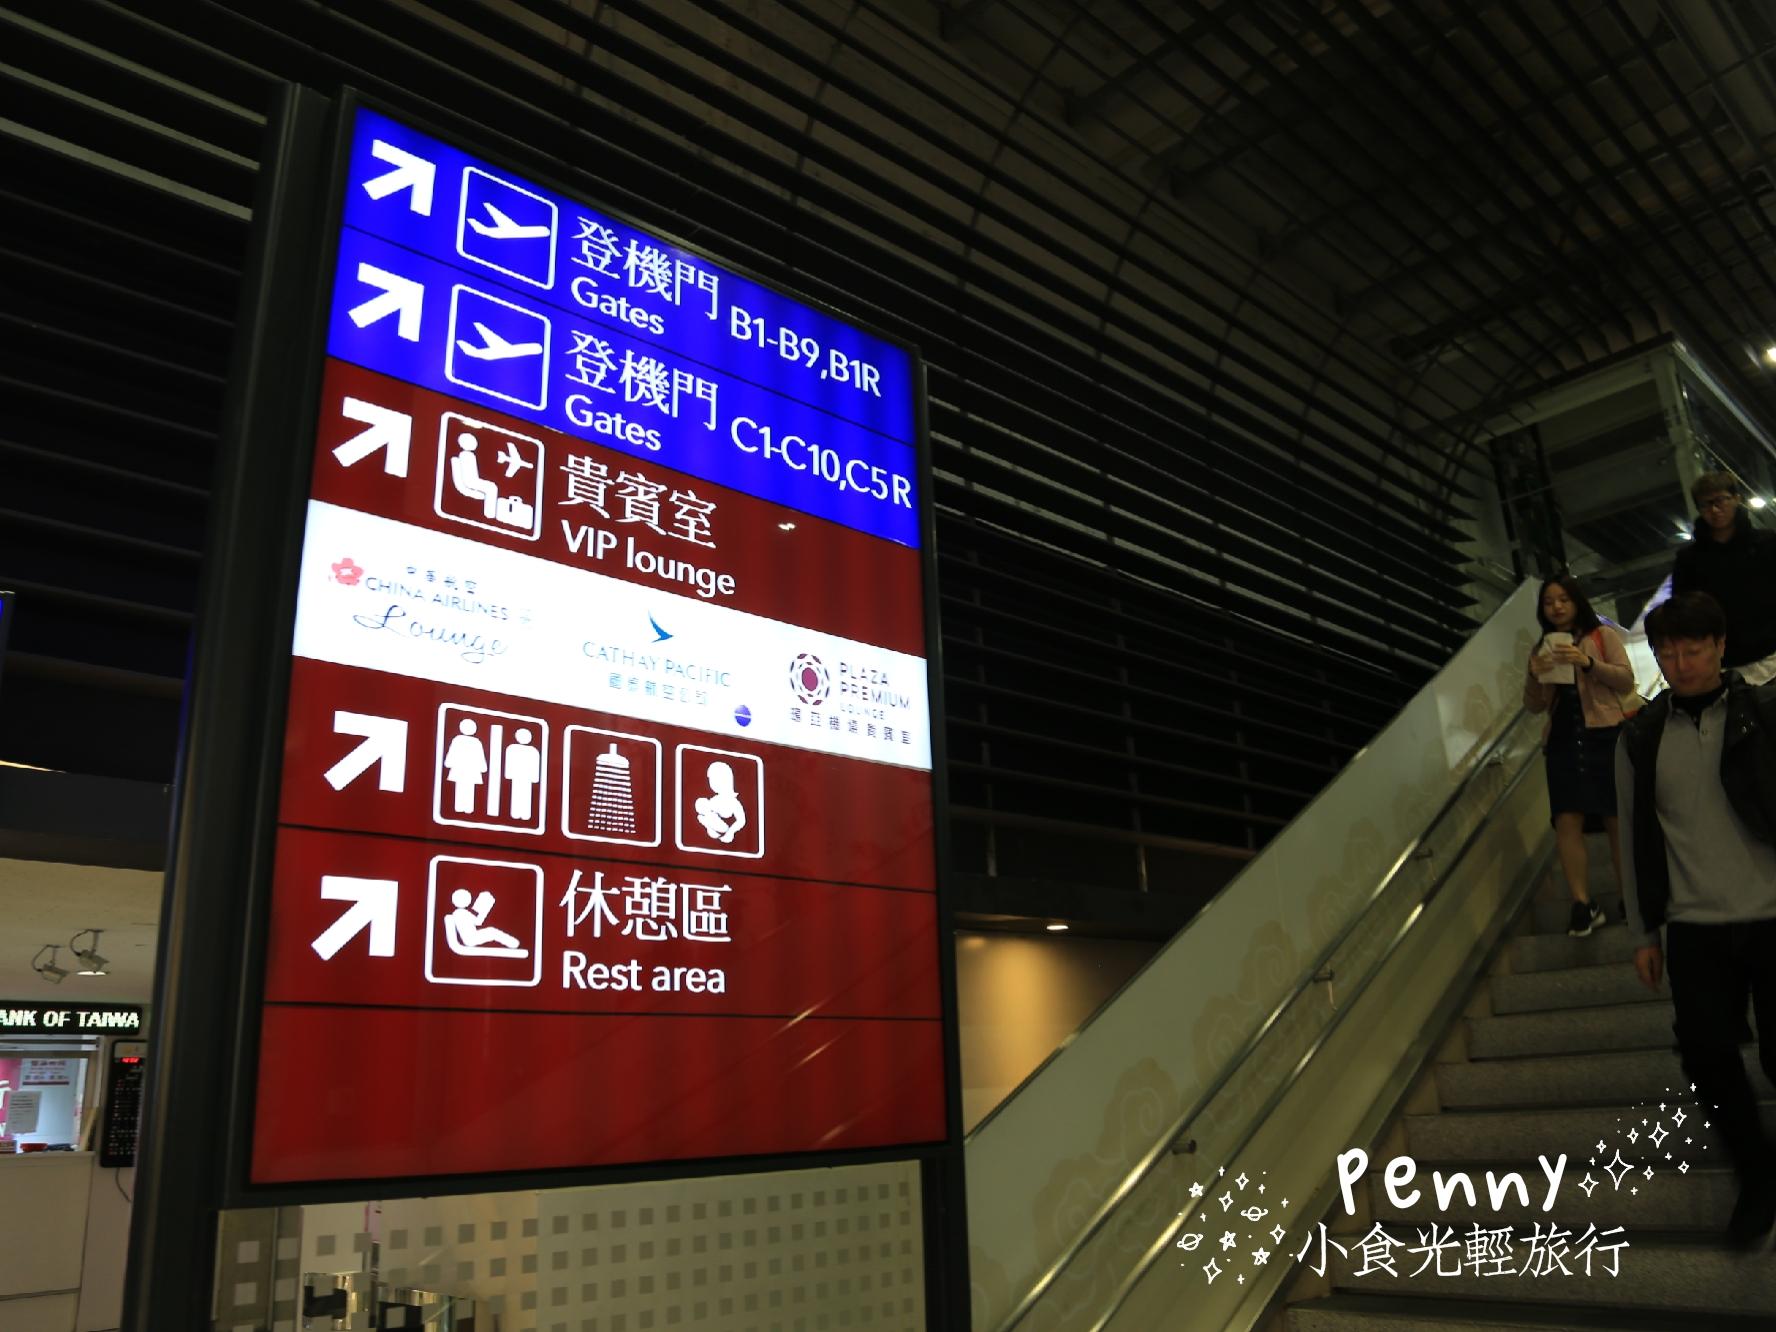 免信用卡/桃園機場免費休息區_廉航紅眼小資好朋友Airport experience zone/淋浴 WIFI 充電 休息